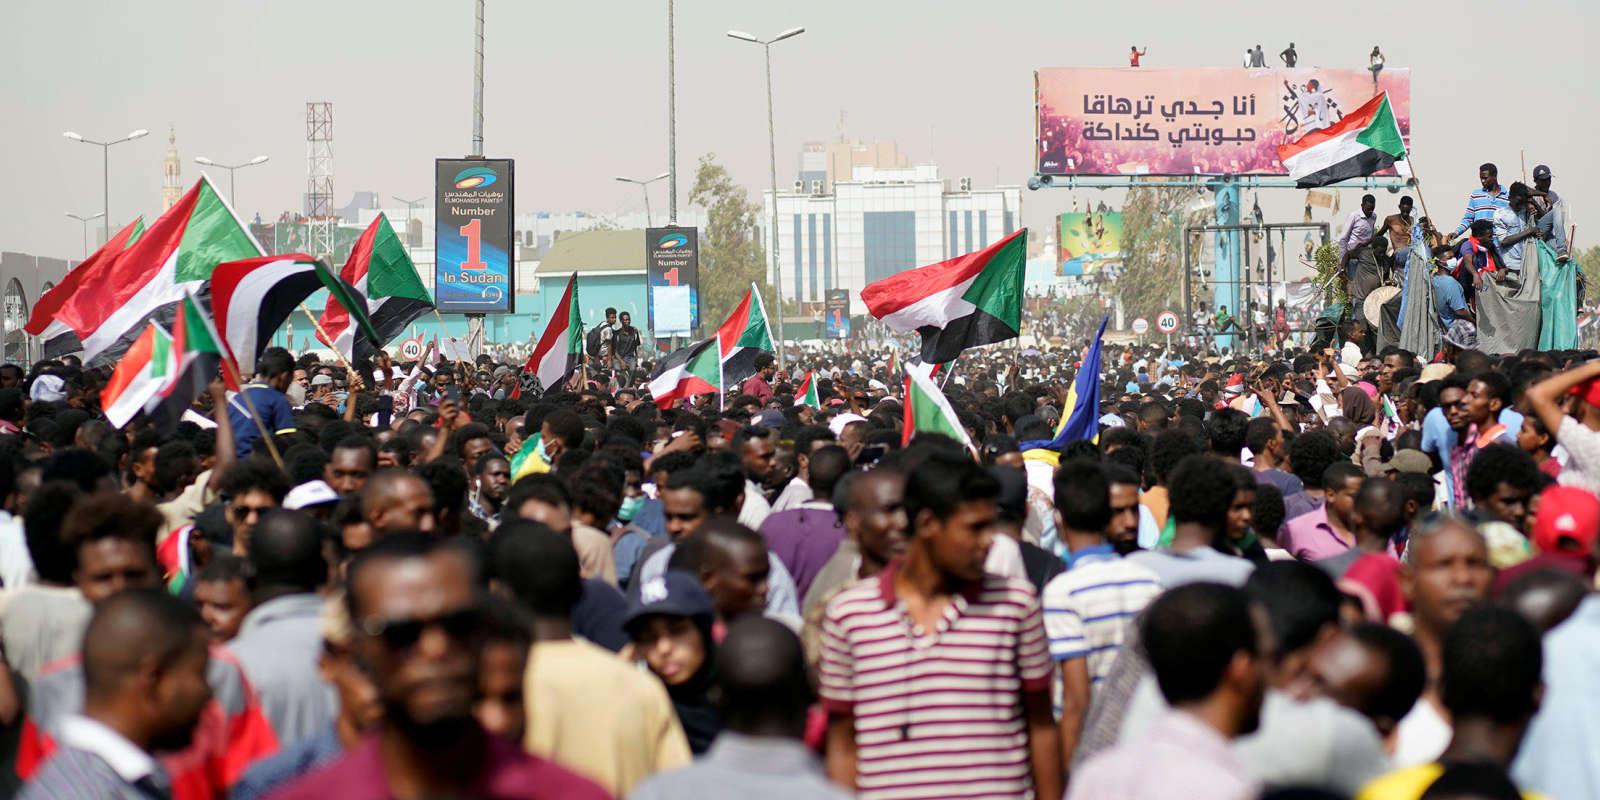 Manifestation contre le président soudanais Bachir, à Khartoum, le 11 avril.